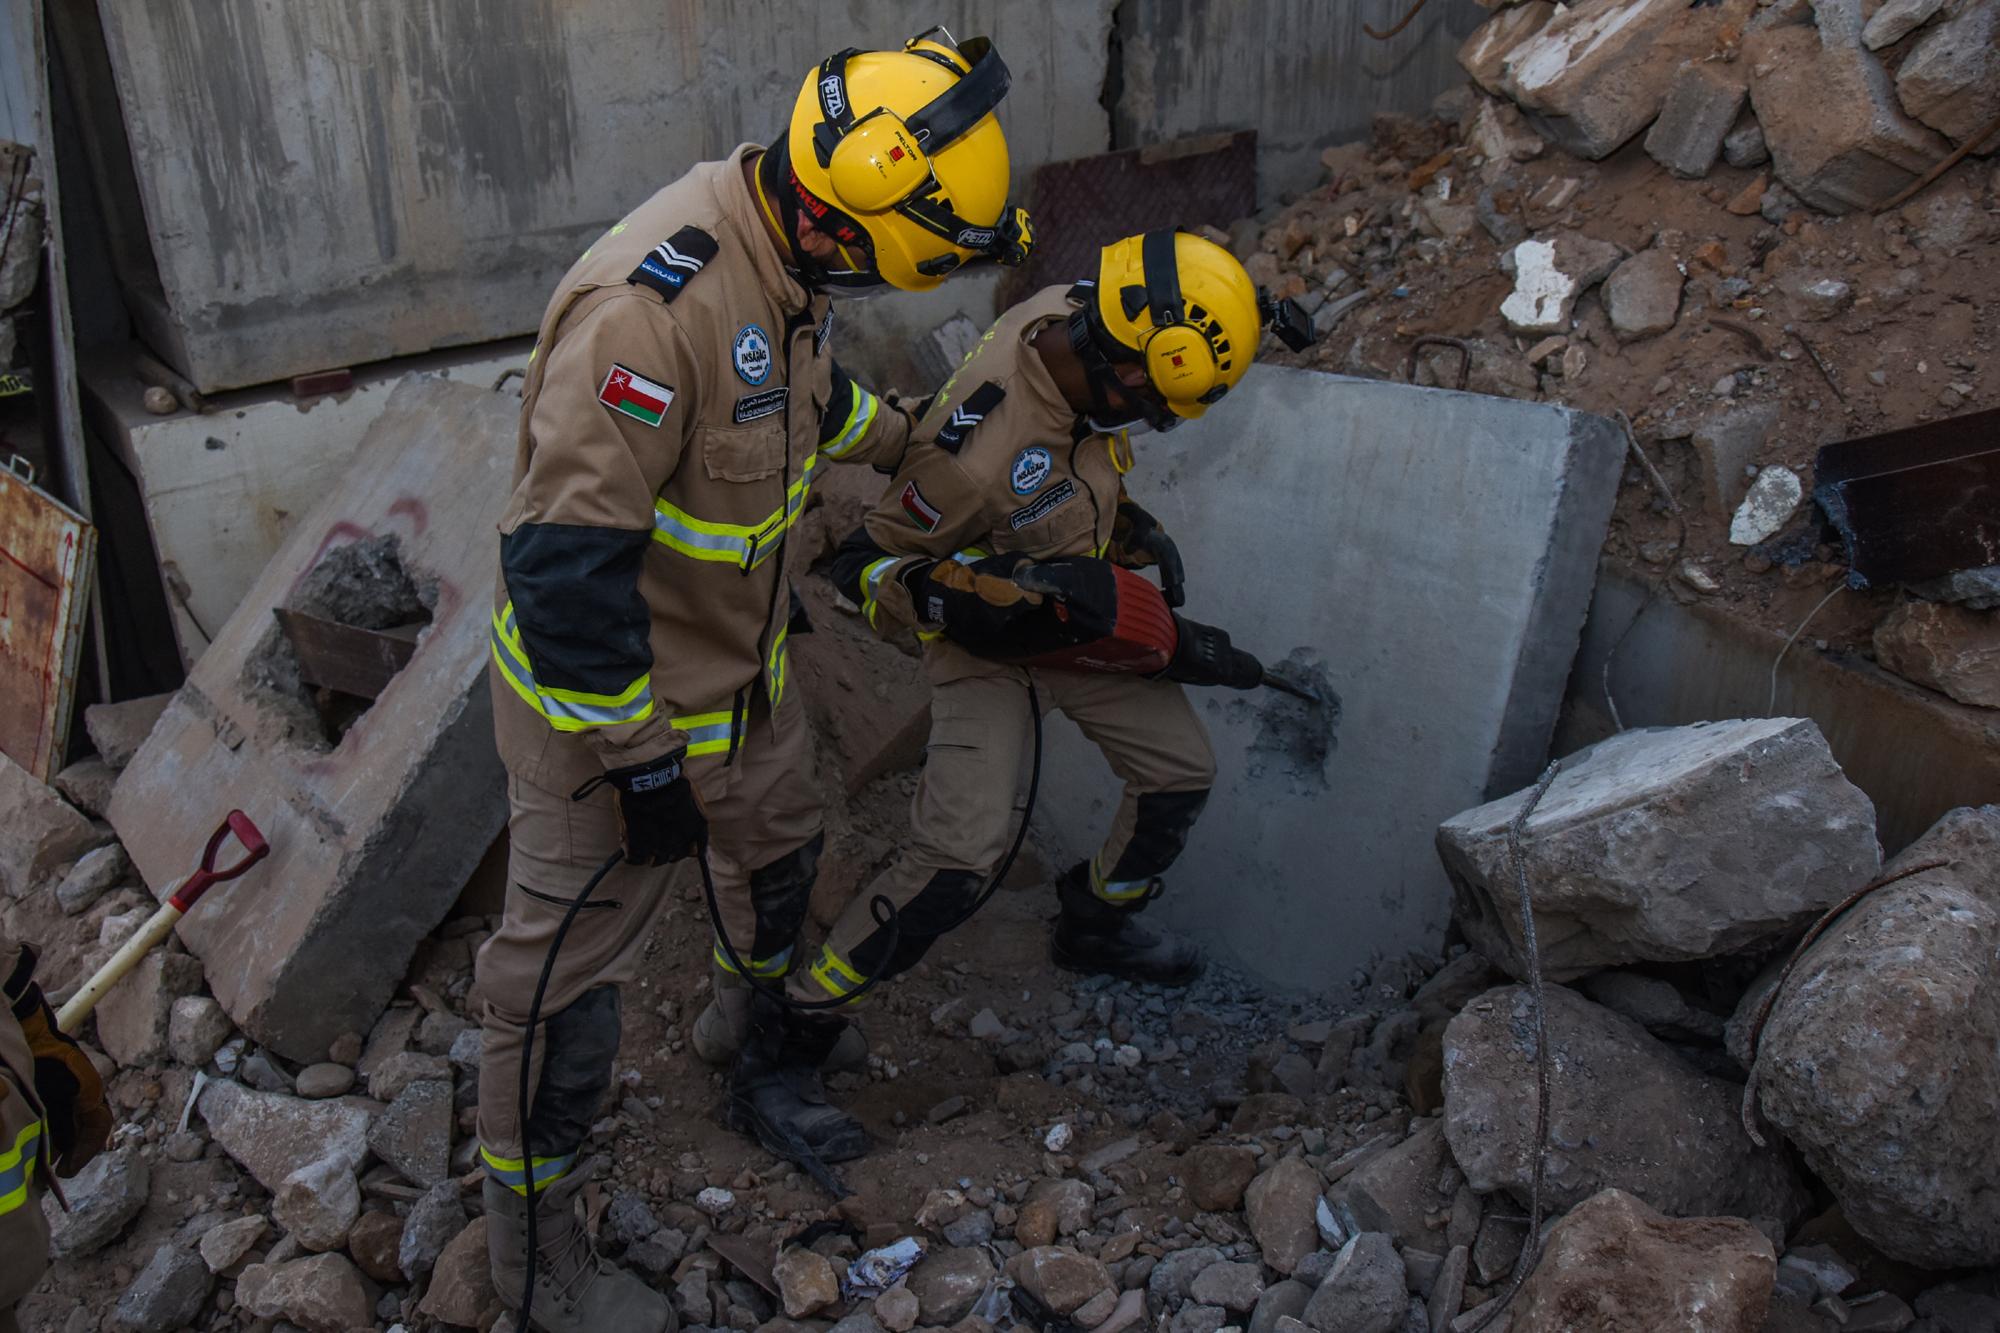 لمدة 36 ساعة.. الفريق الوطني للبحث والإنقاذ ينفذ تمريناً عملياً